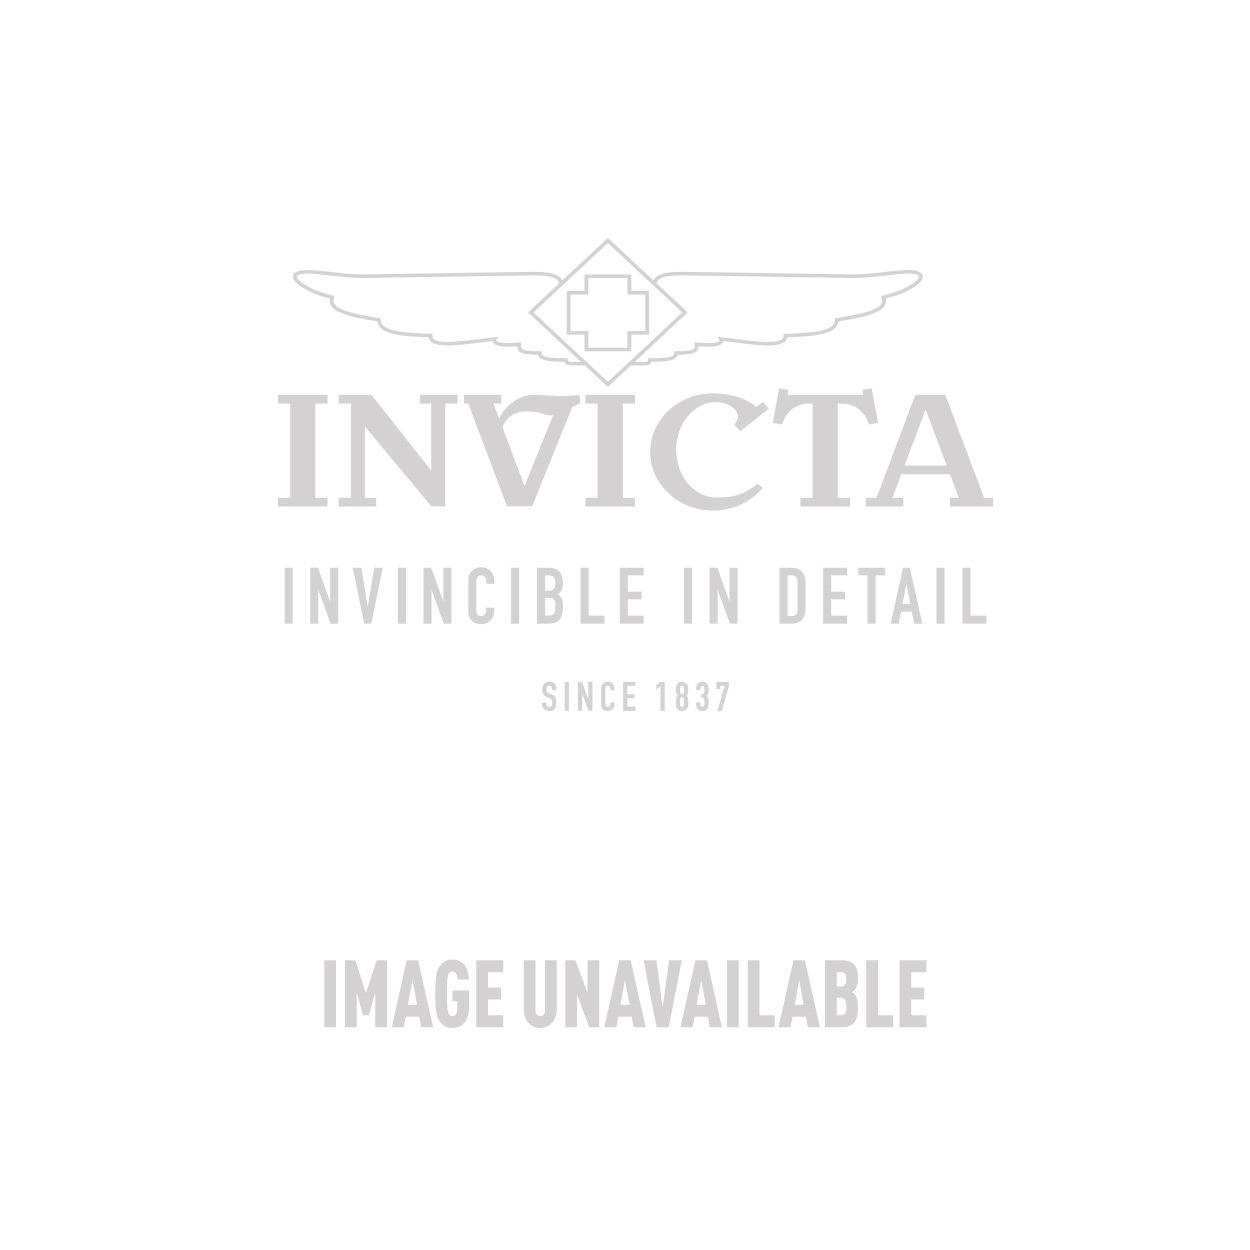 Invicta Model  SC0411